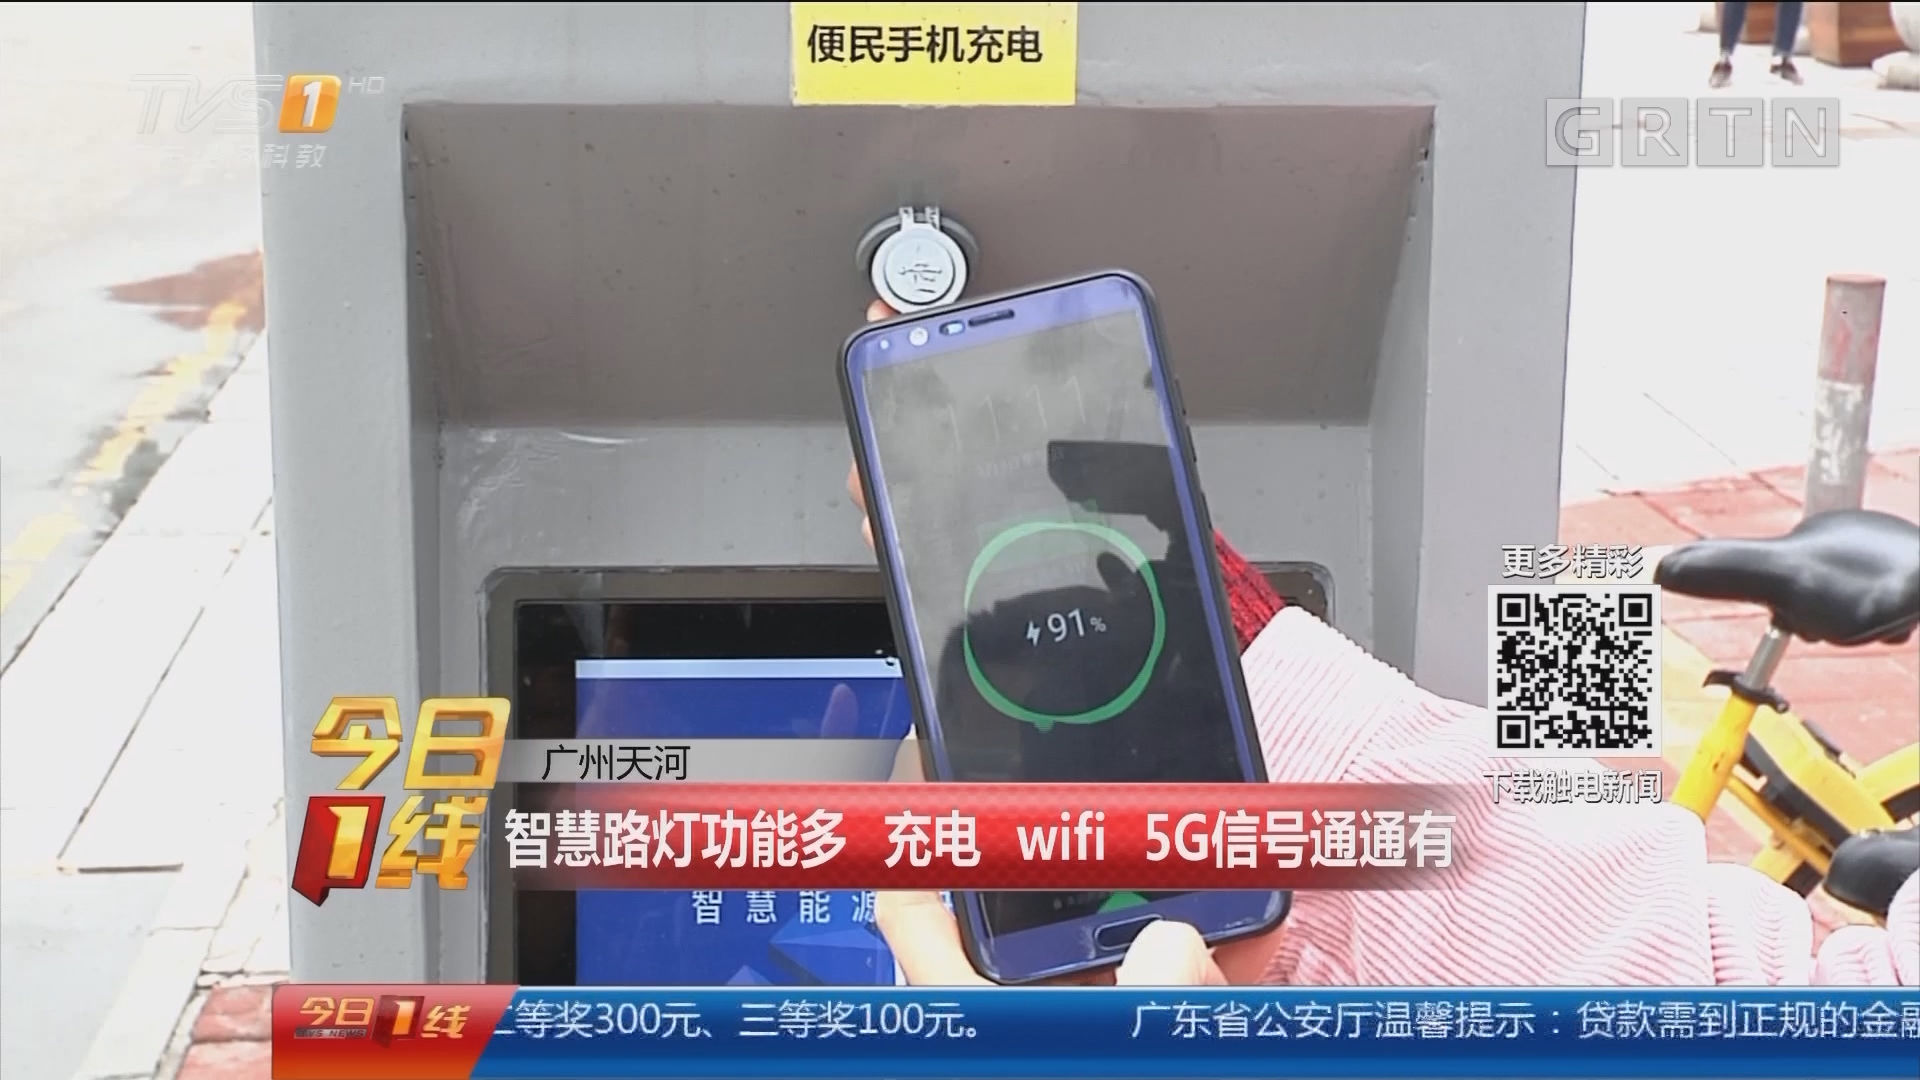 广州天河:智慧路灯功能多 充电 wifi 5G信号通通有